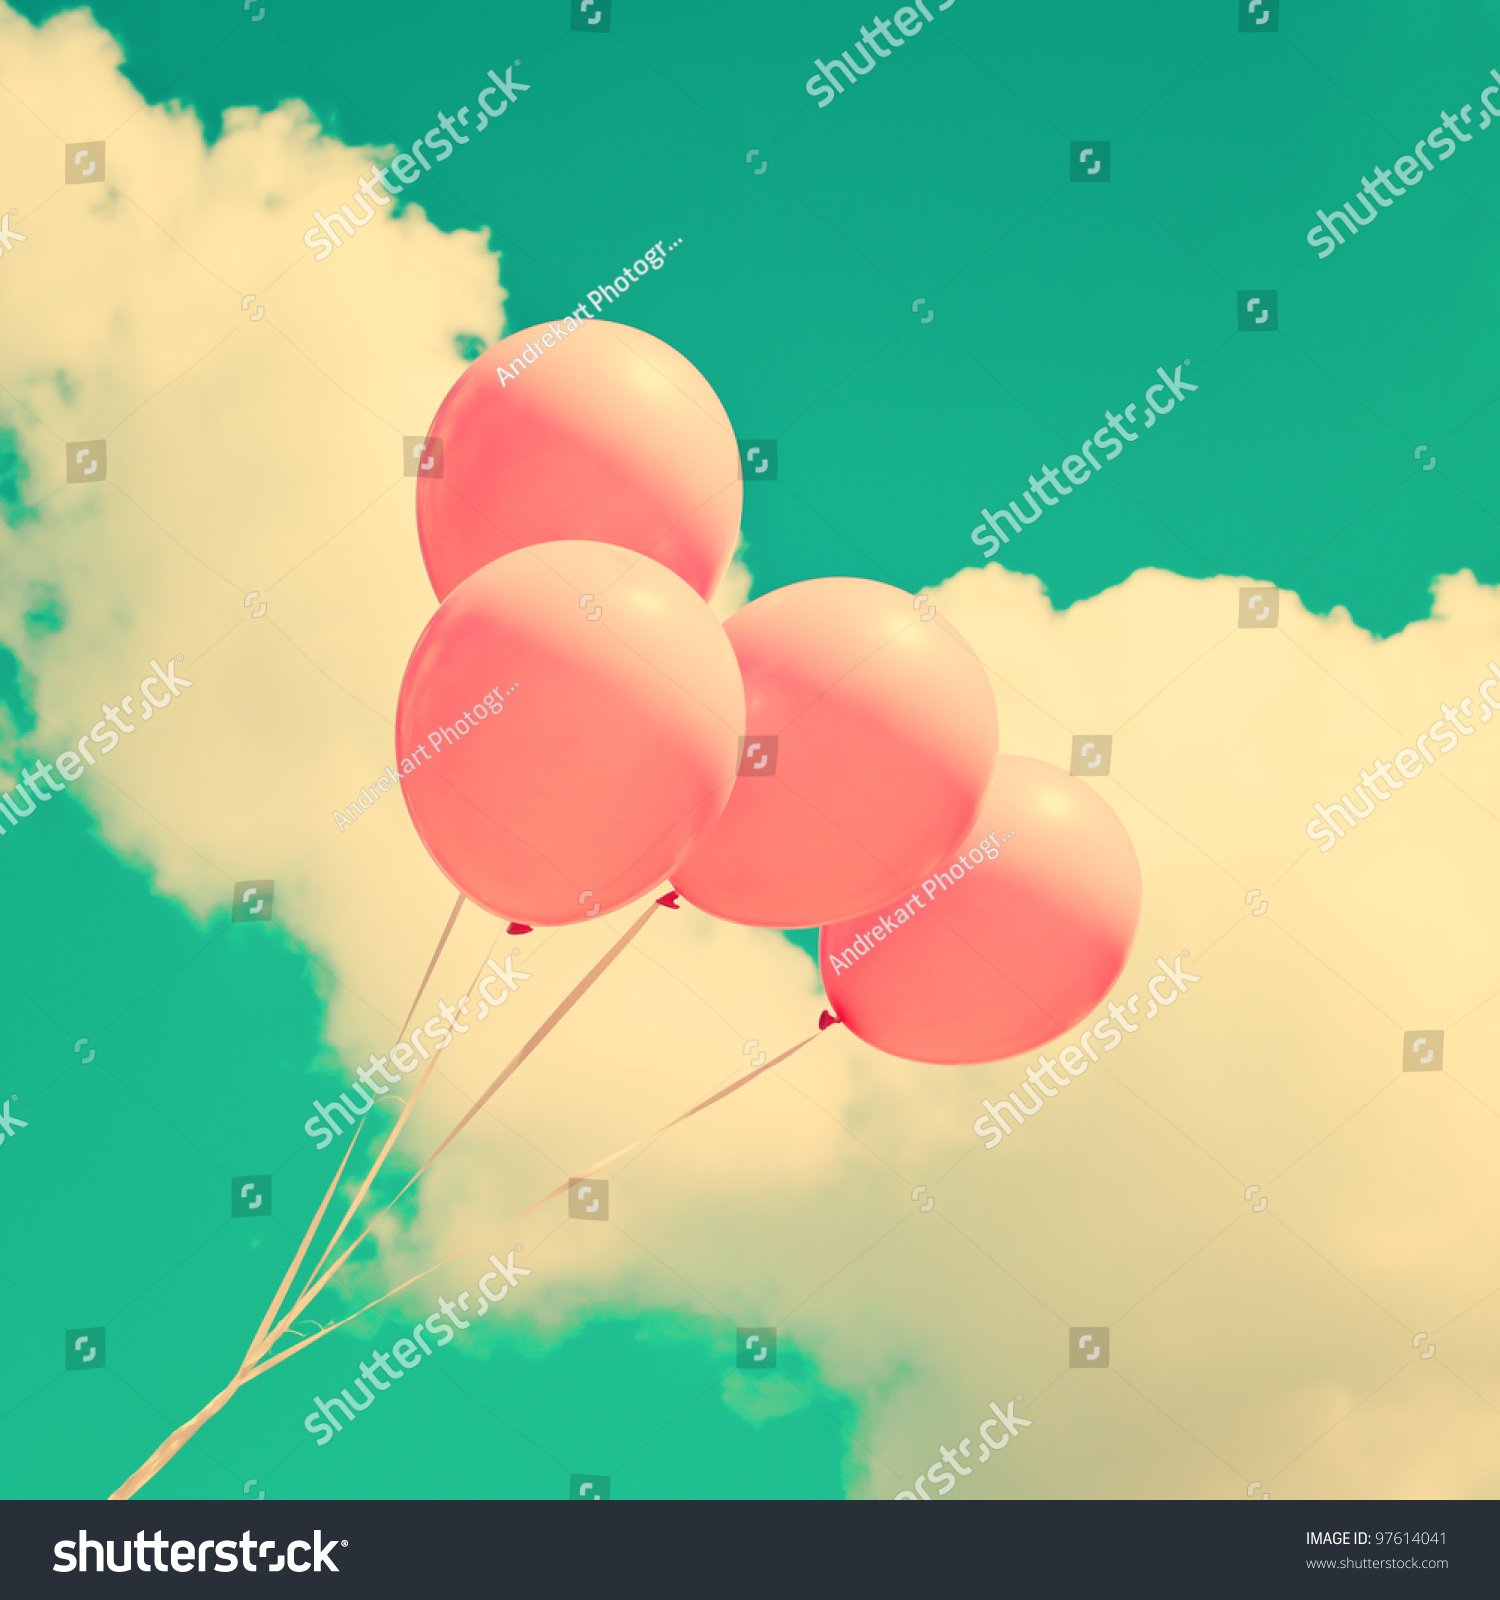 粉色的气球-复古风格,抽象-海洛创意(hellorf)-中国-.